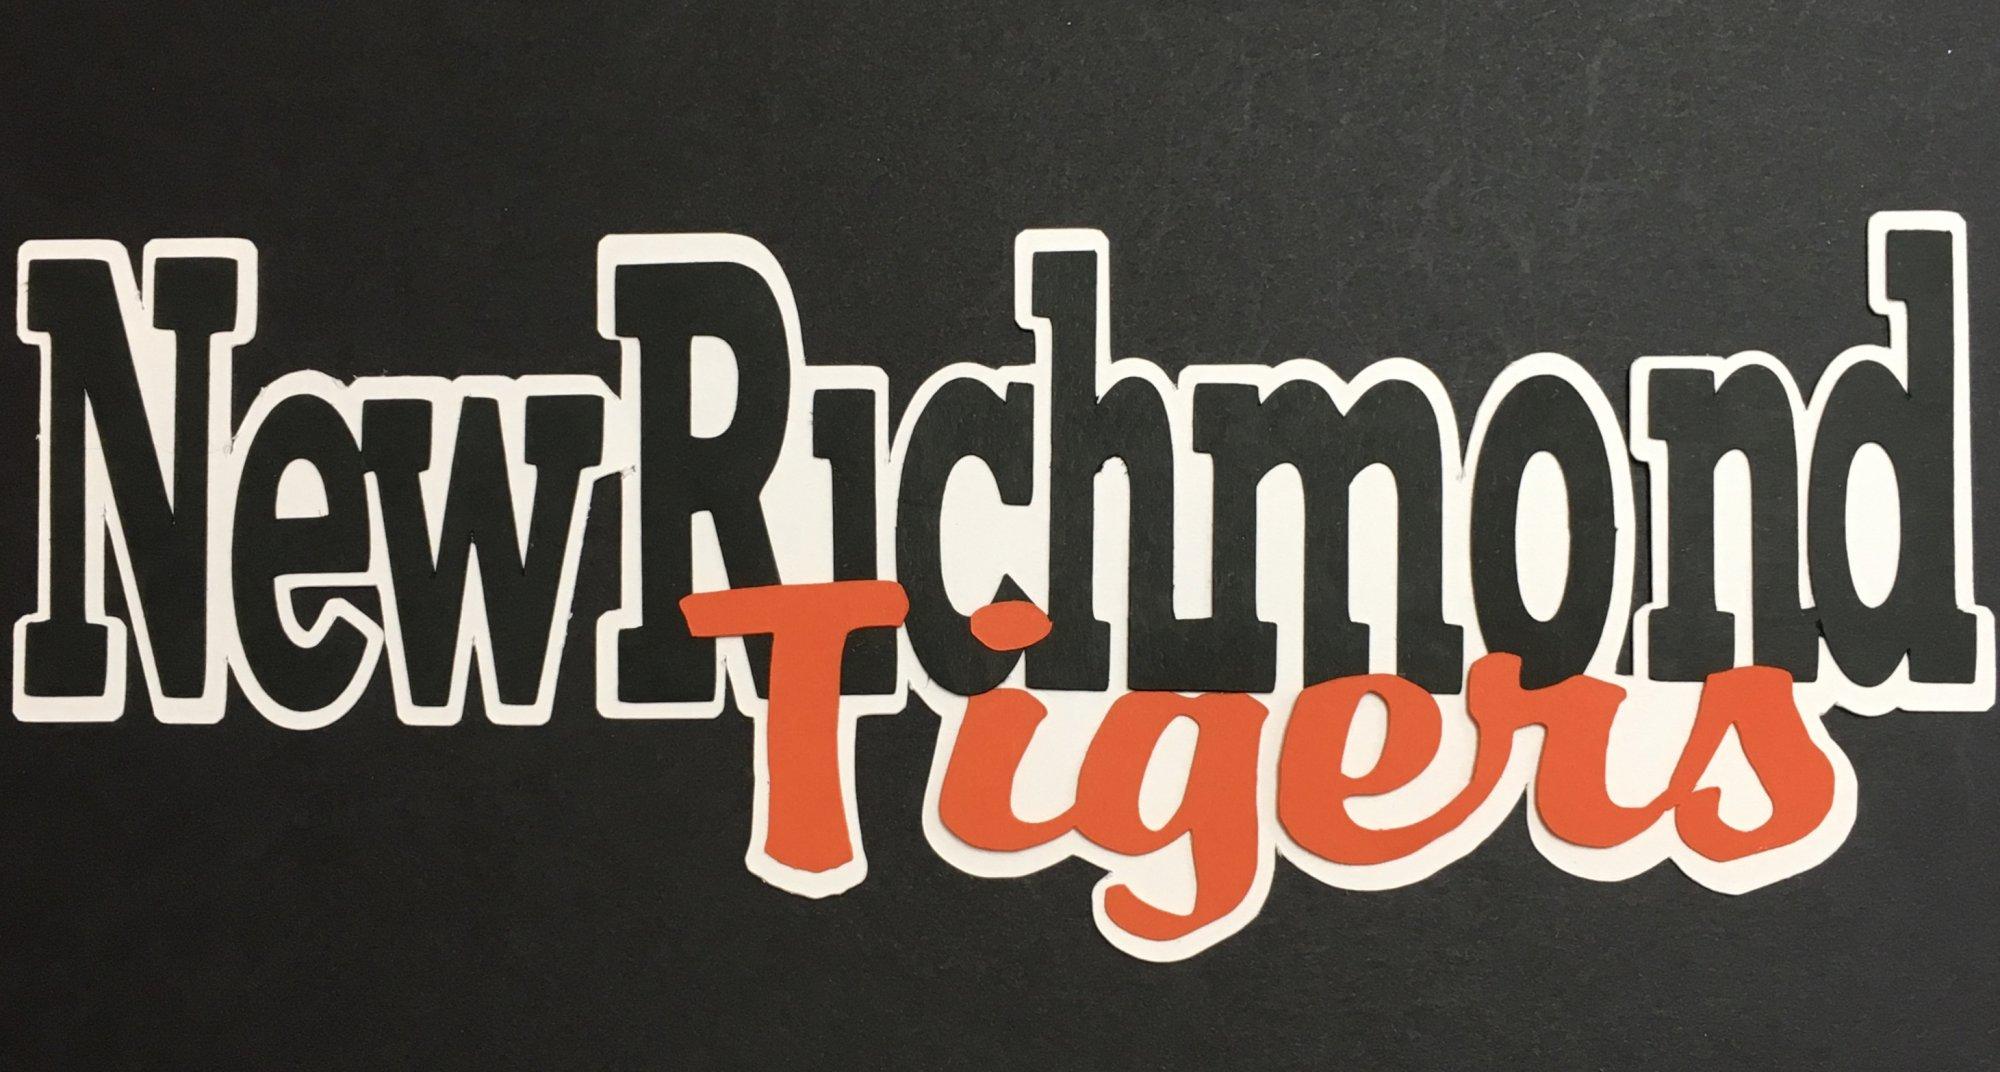 NEW RICHMOND TIGERS die cut